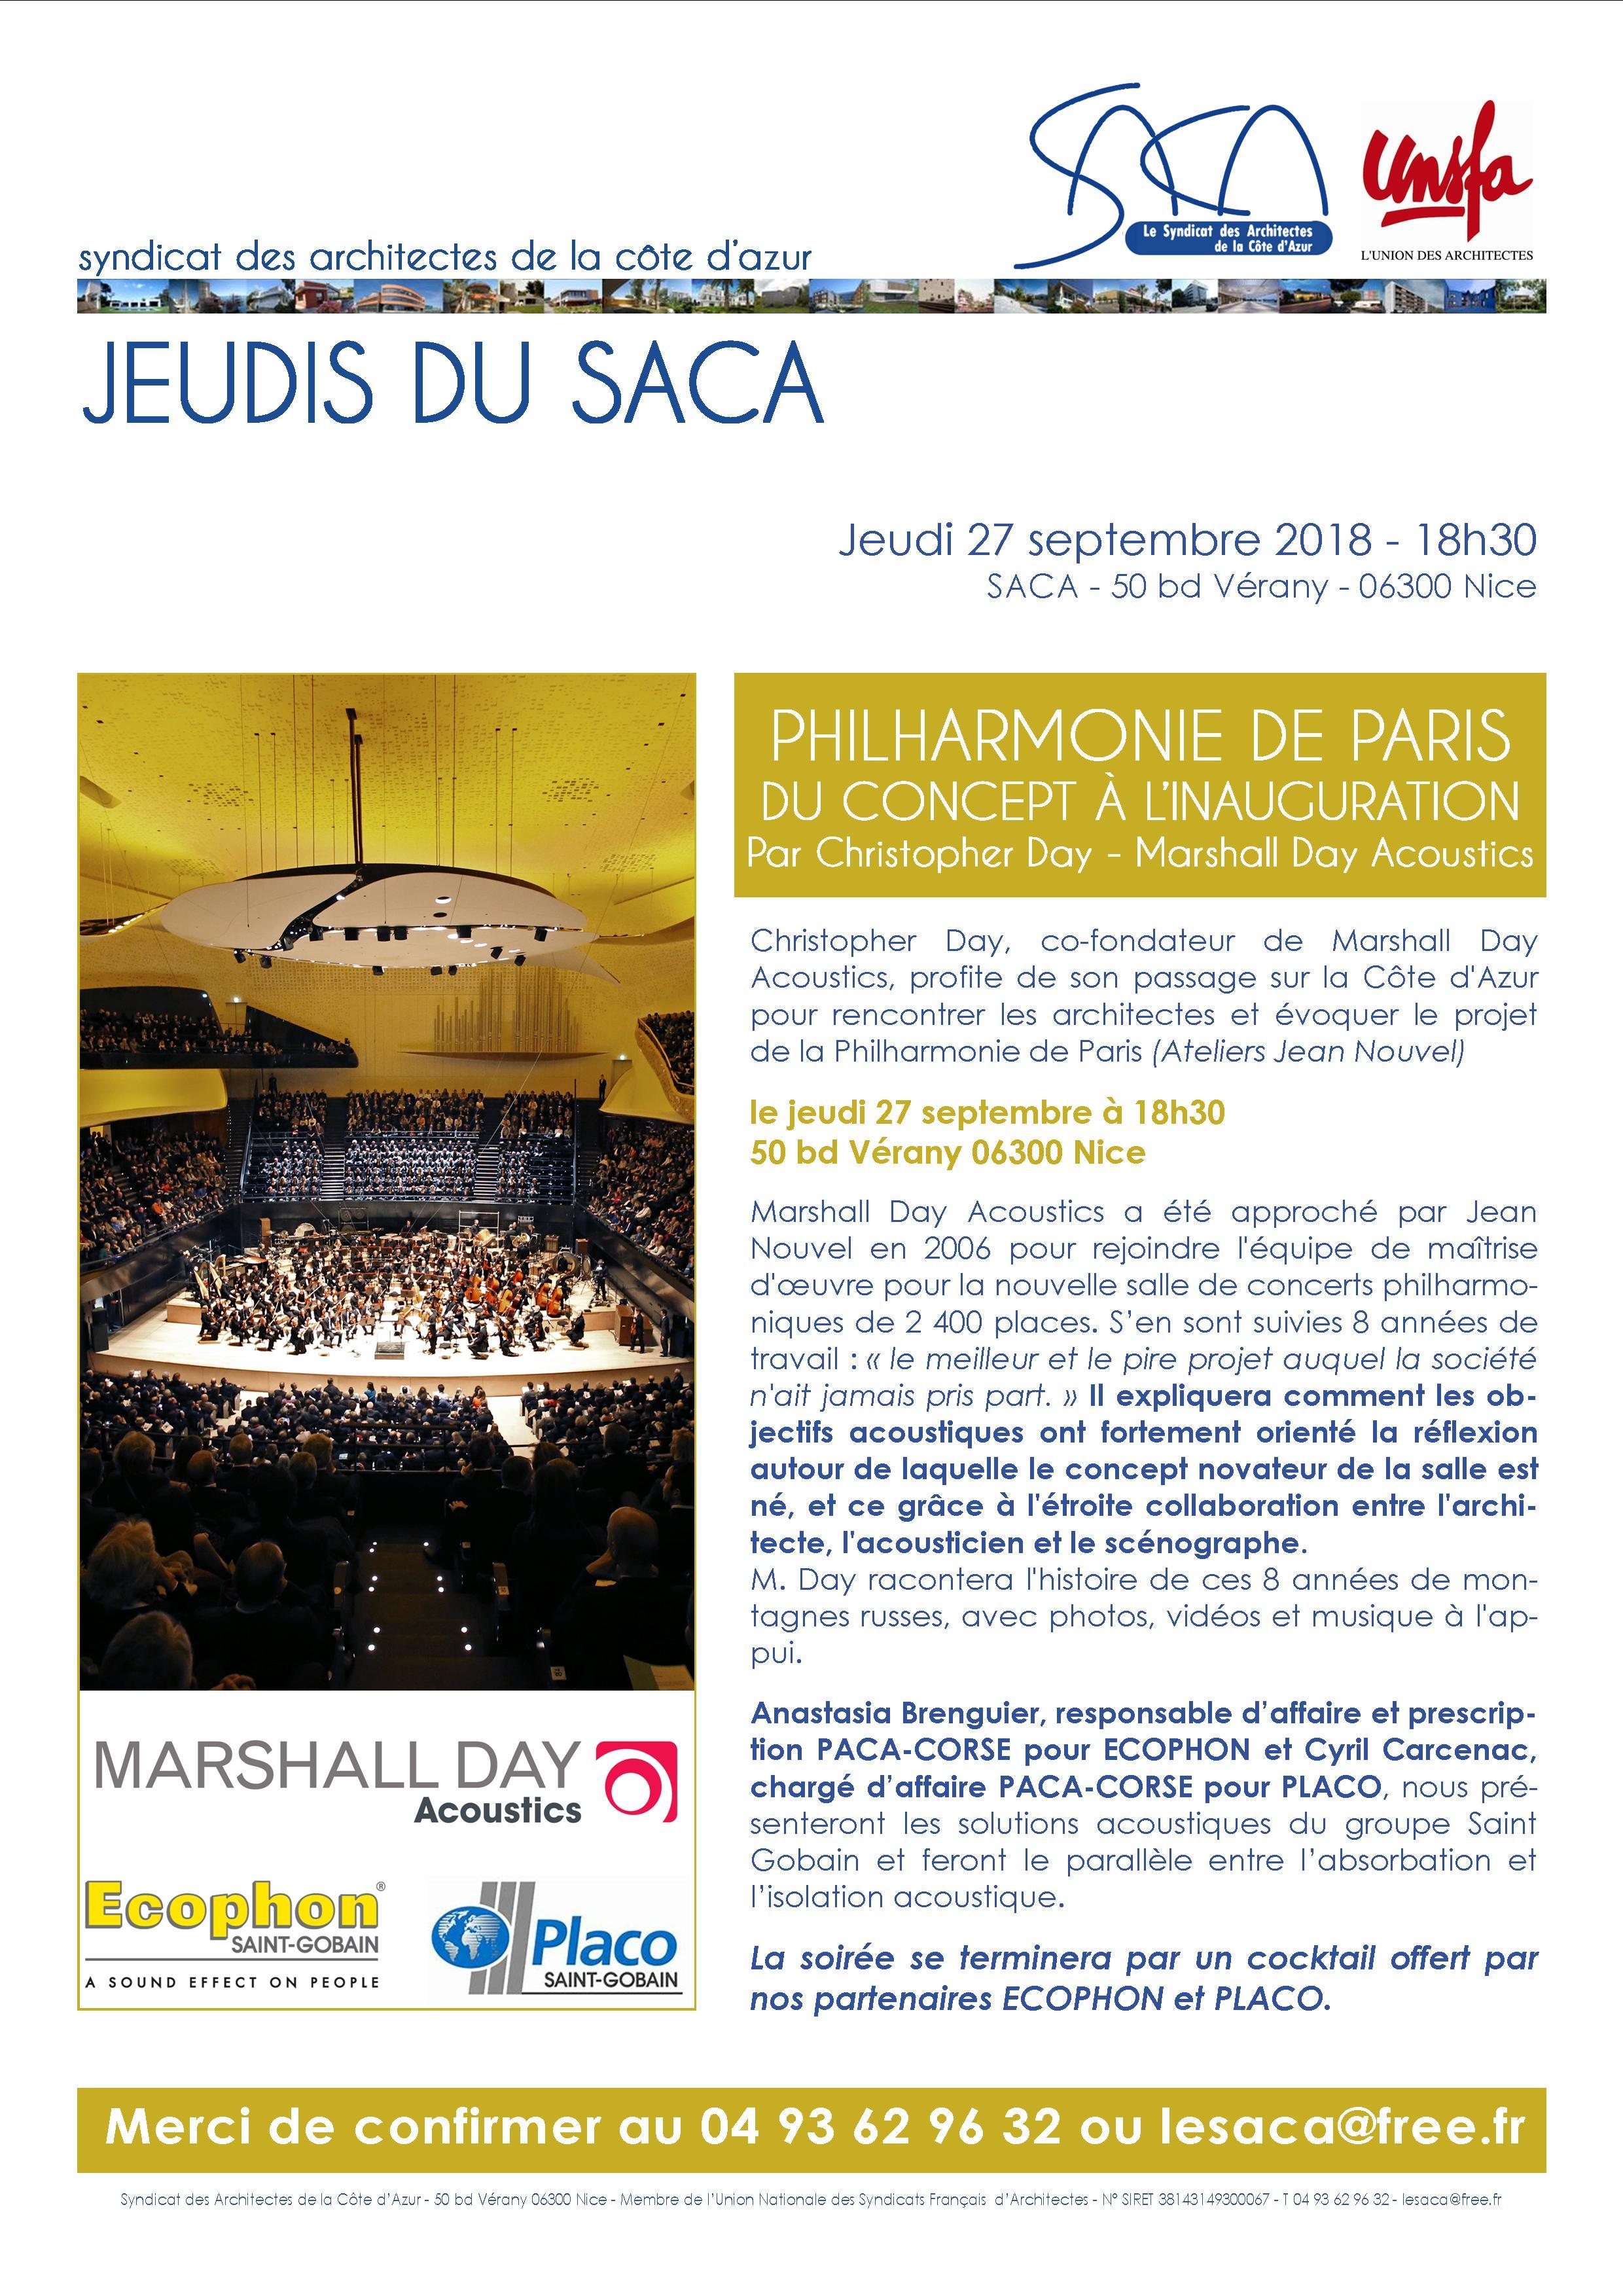 JEUDI DU SACA /// PHILHARMONIE DE PARIS, DU CONCEPT À L'INAUGURATION @ SACA | Nice | Provence-Alpes-Côte d'Azur | France